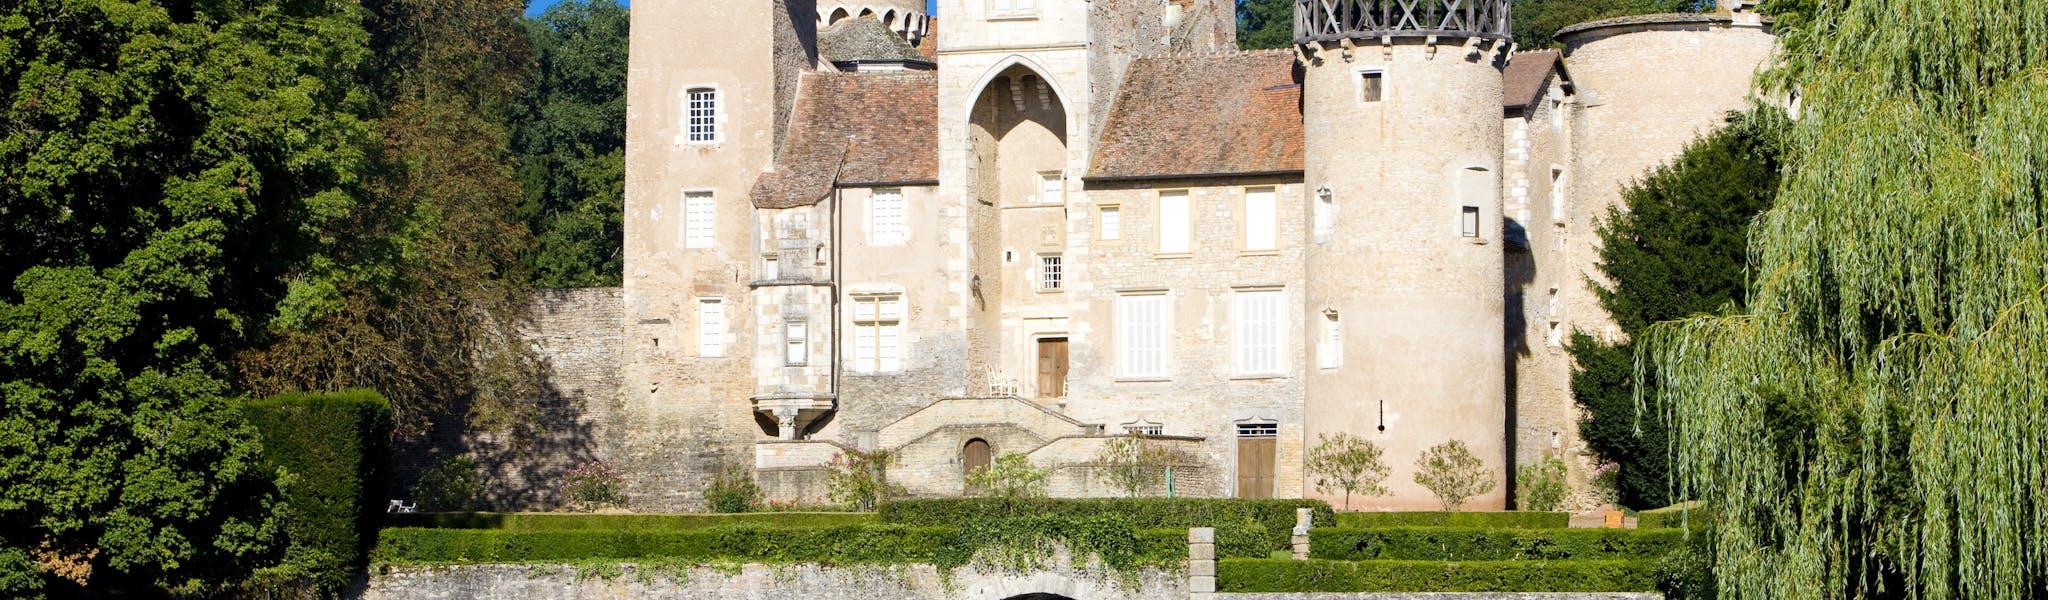 kasteel bij meer Château de Montrouant